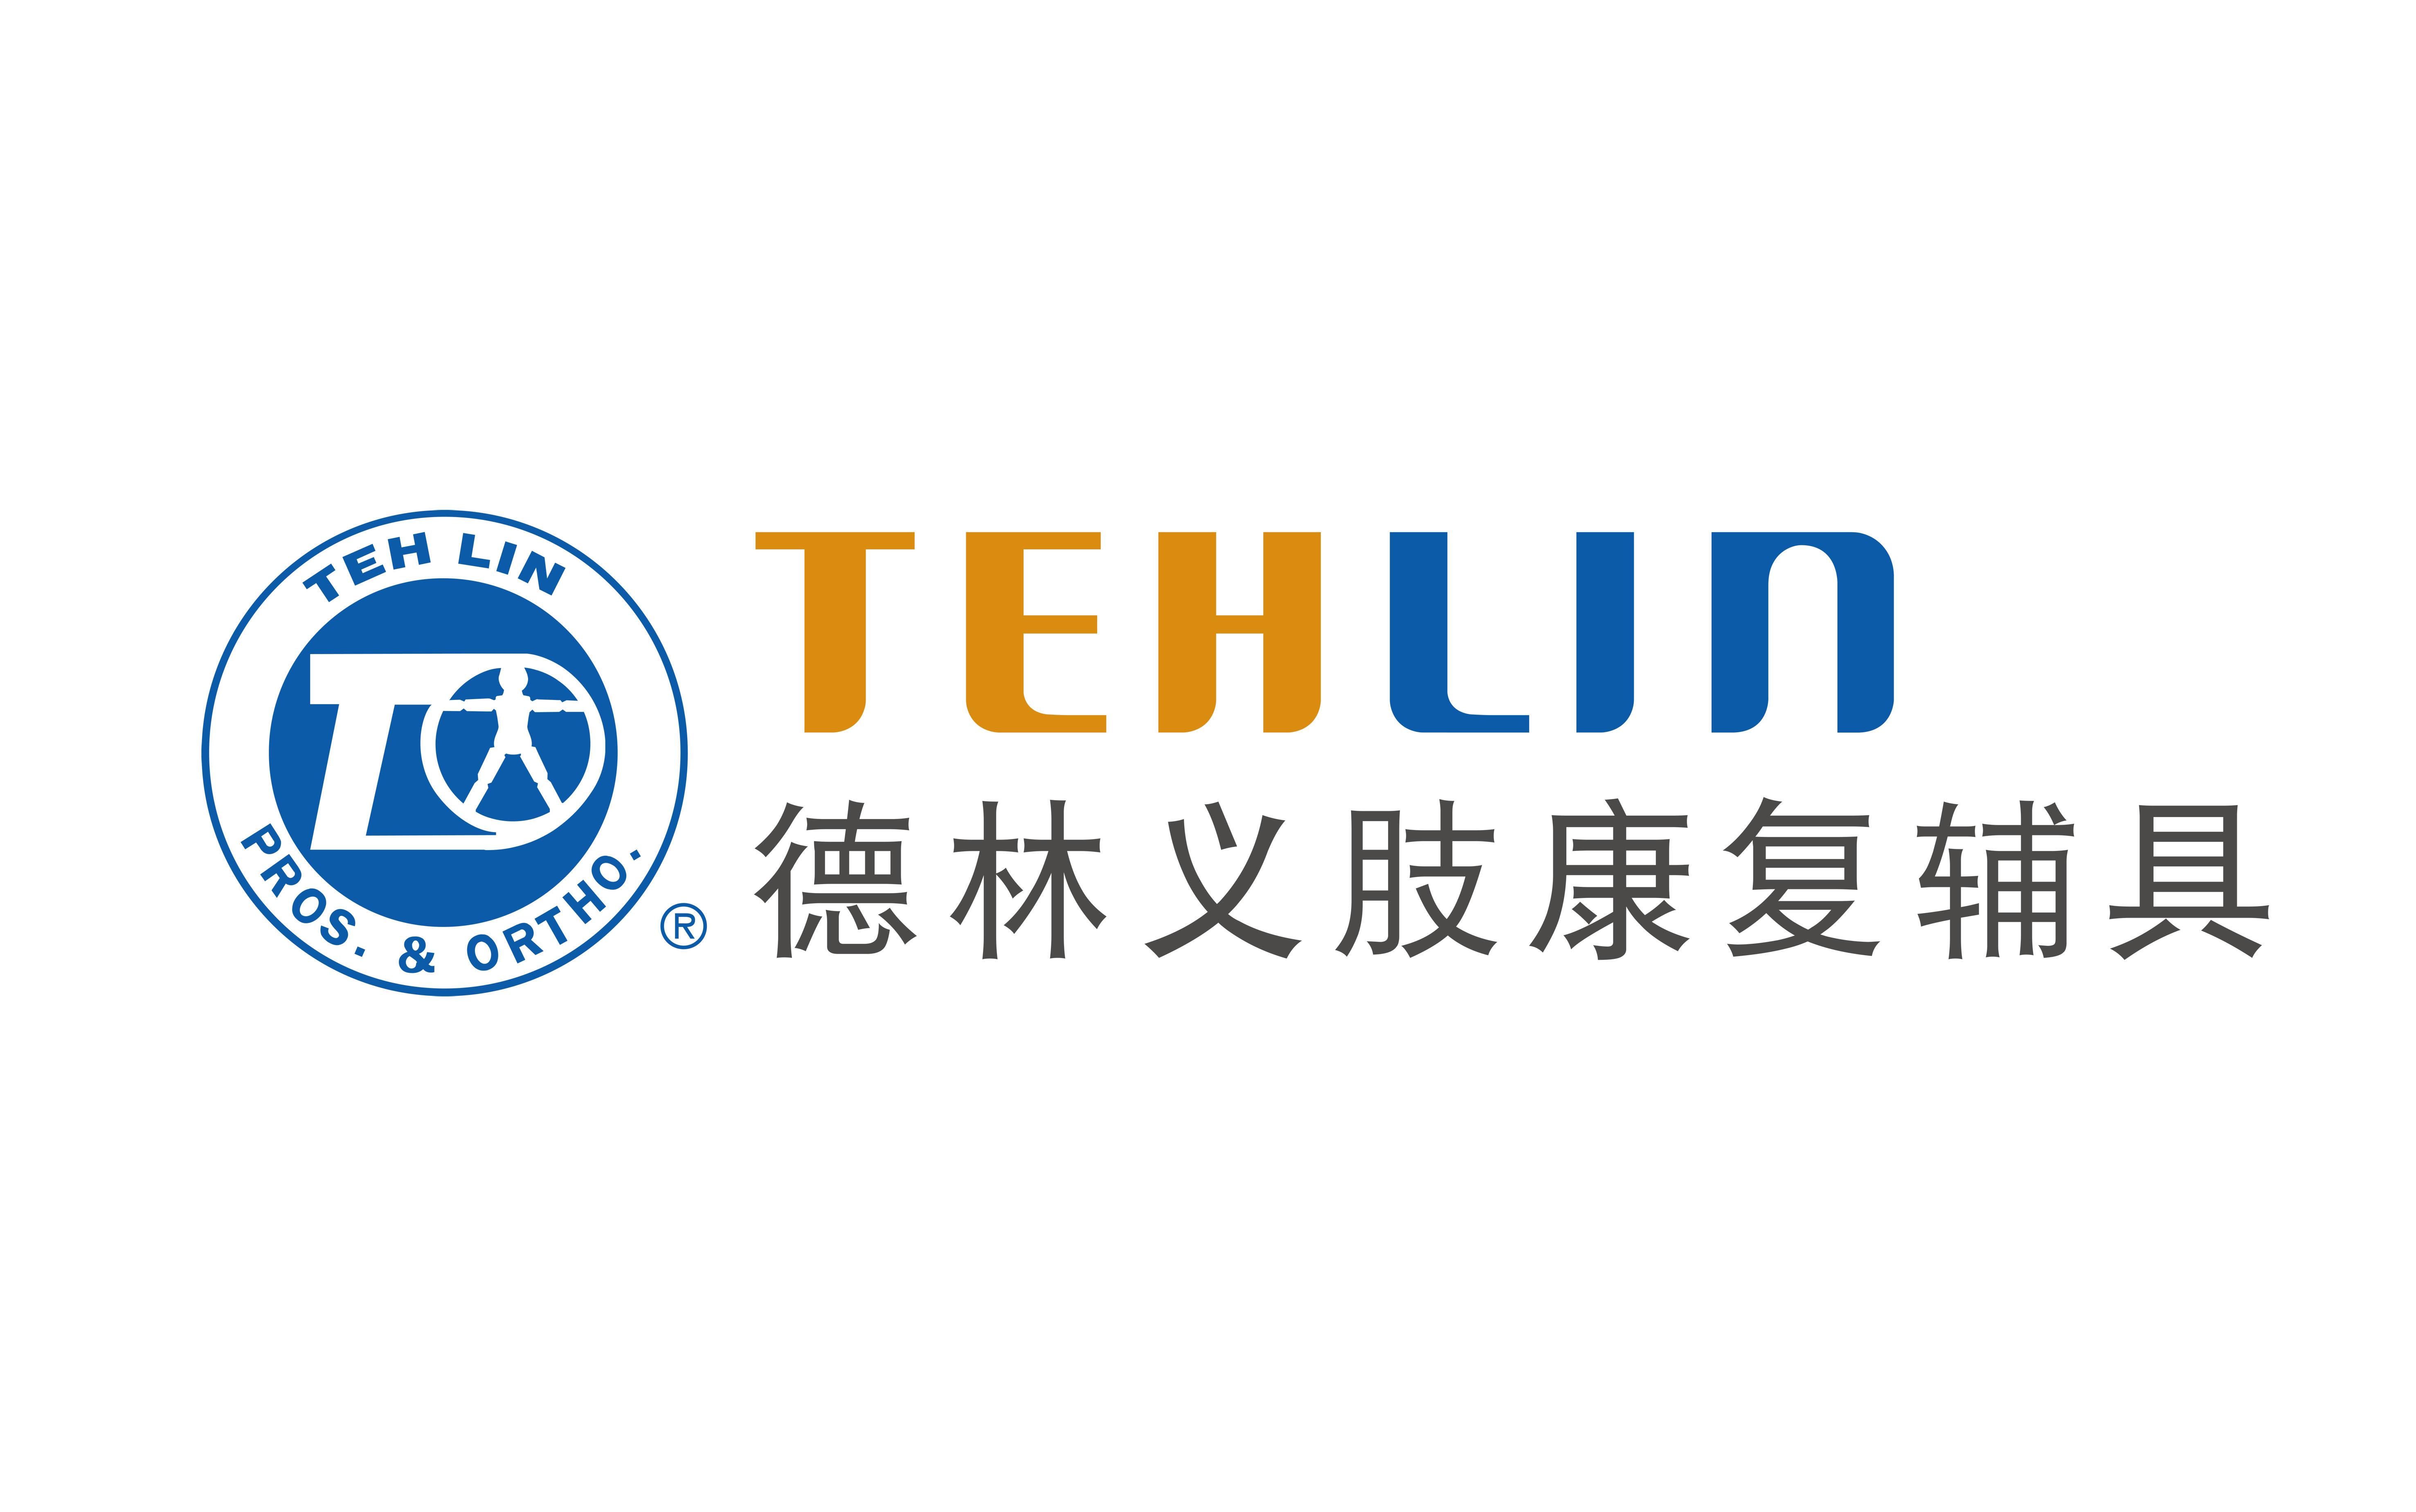 德林义肢矫型雷火官网器材(深圳)有限公司